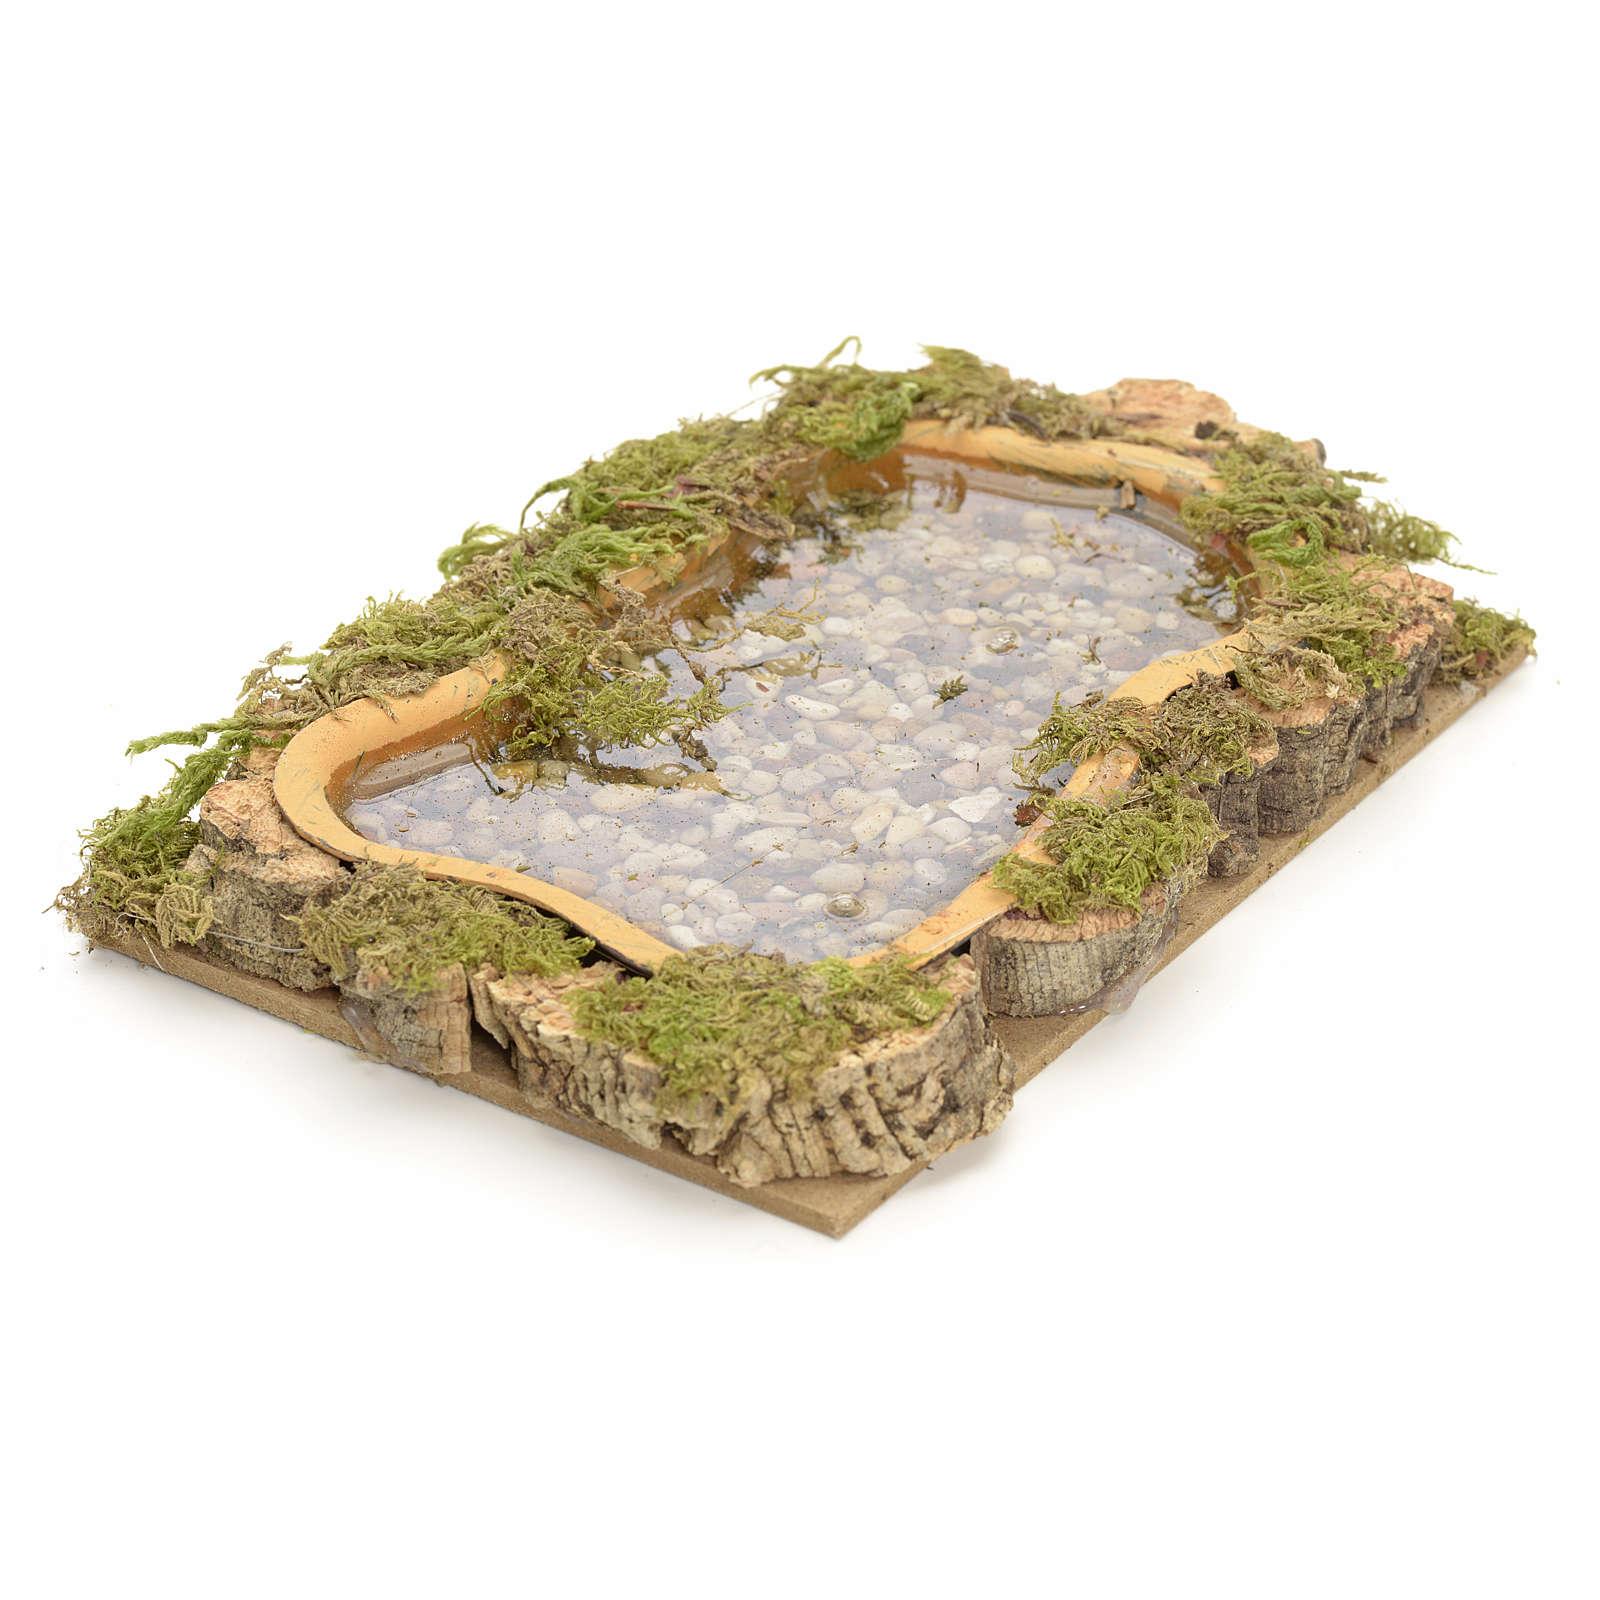 Nativity setting, lake, water effect 15x10cm 4